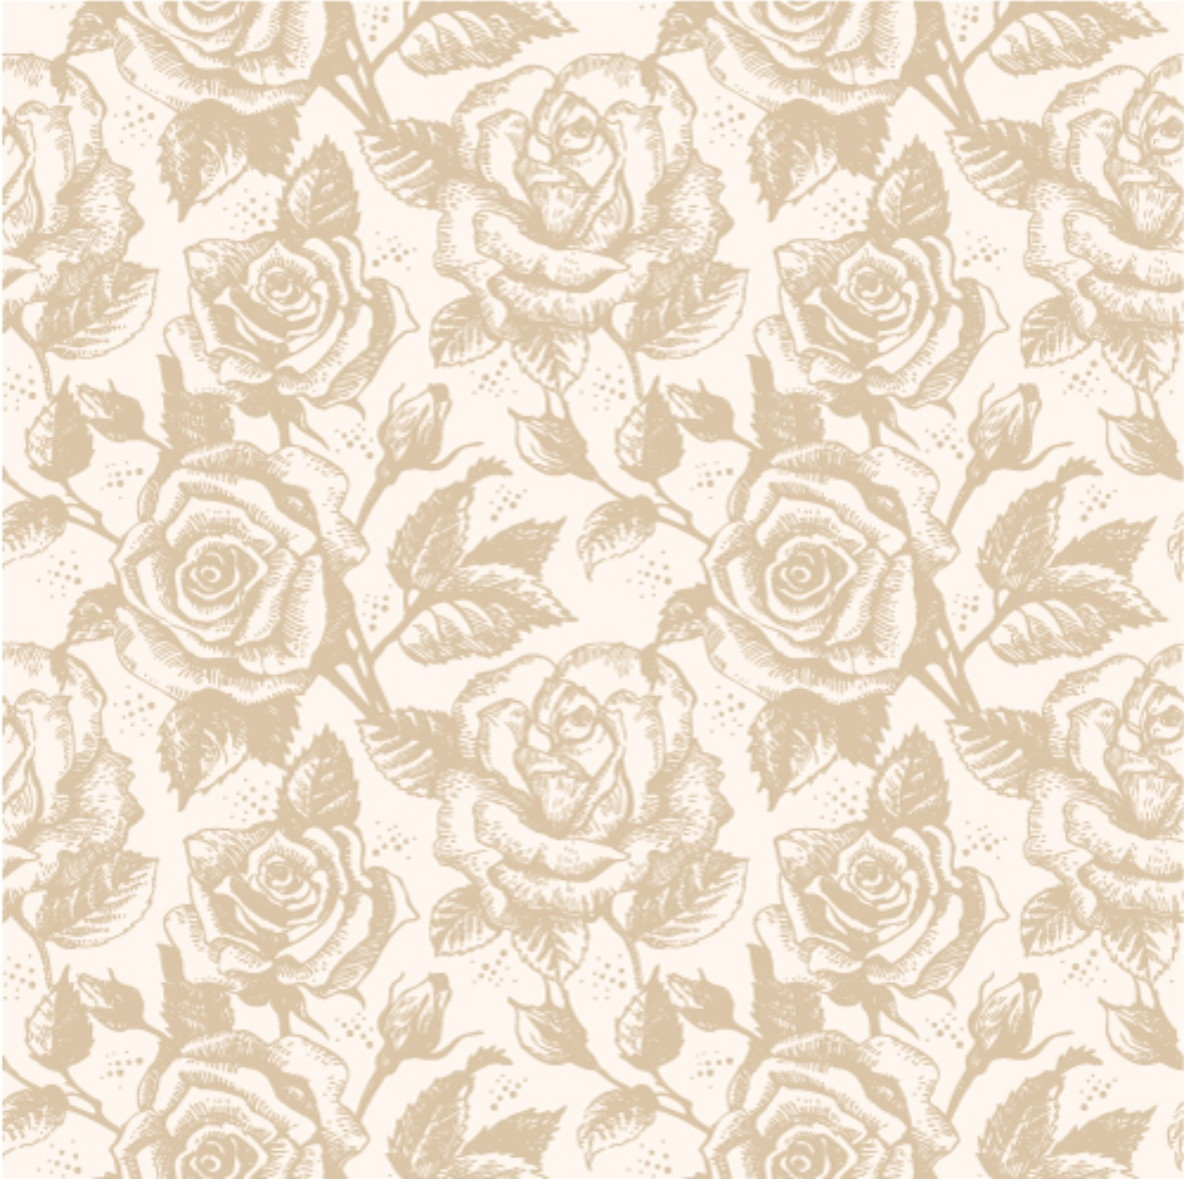 Papel de parede floral decor 01 crie decore elo7 - Paredes de papel ...